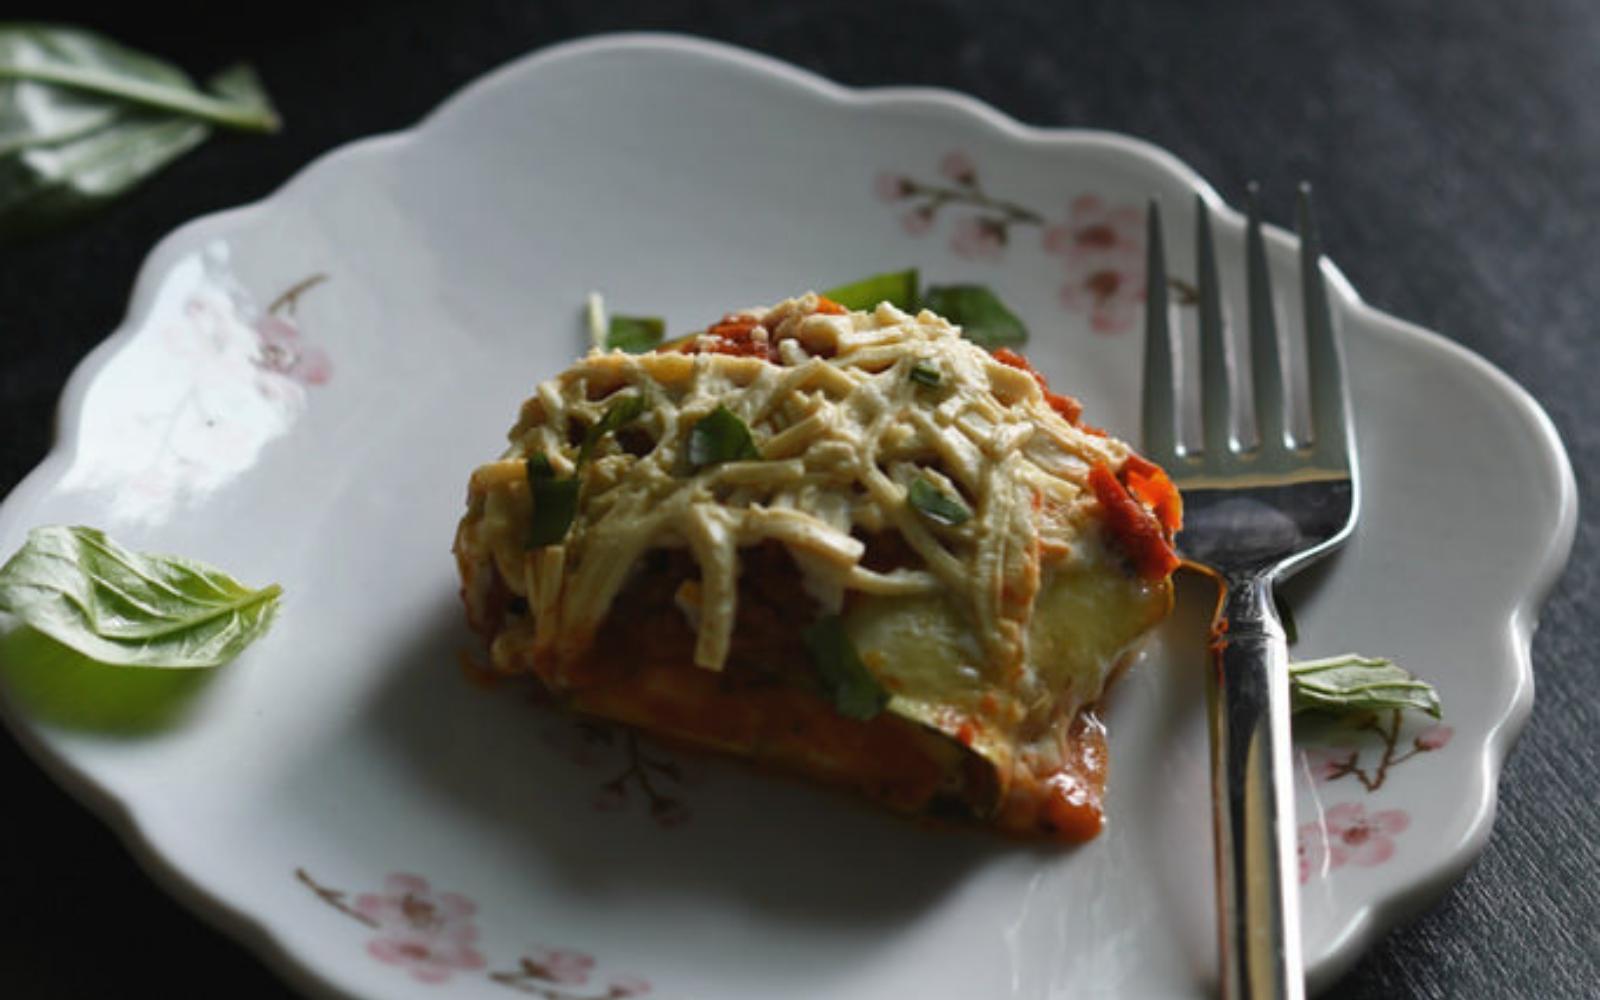 vegan gluten-free zucchini ravioli topped with dairy-free cheese